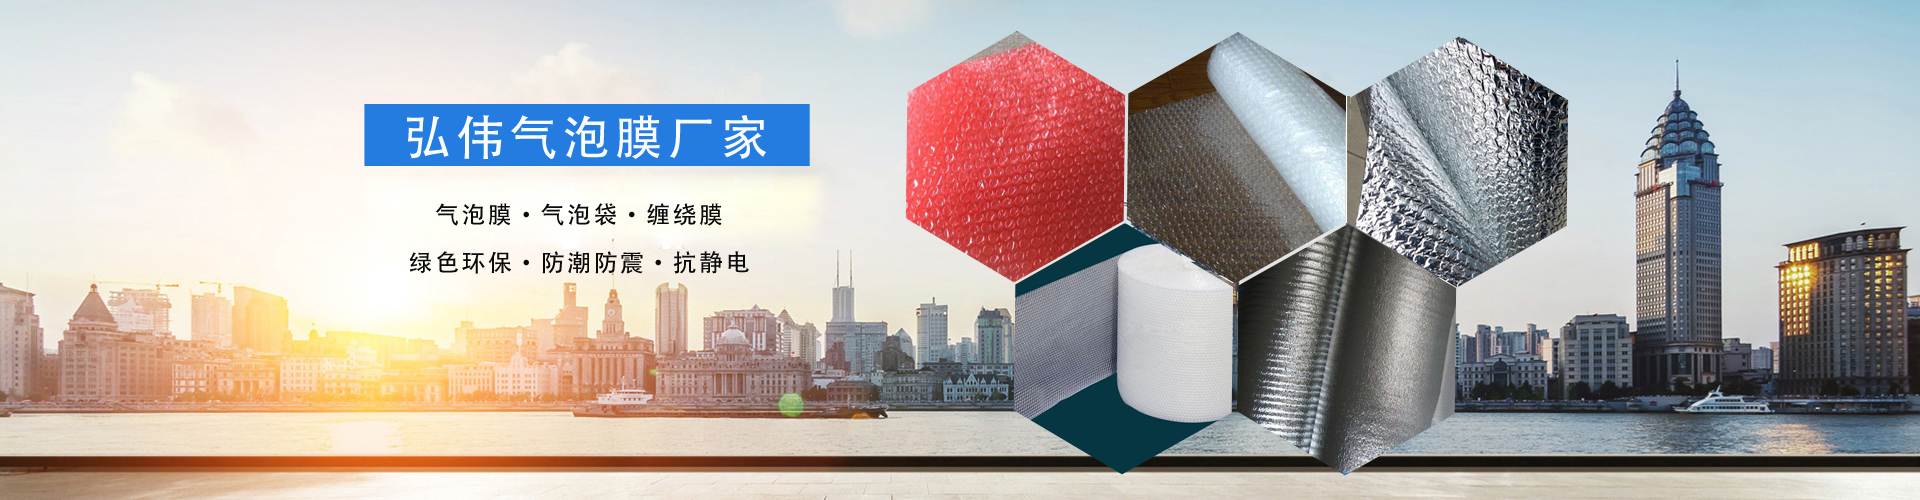 安徽气泡膜厂家